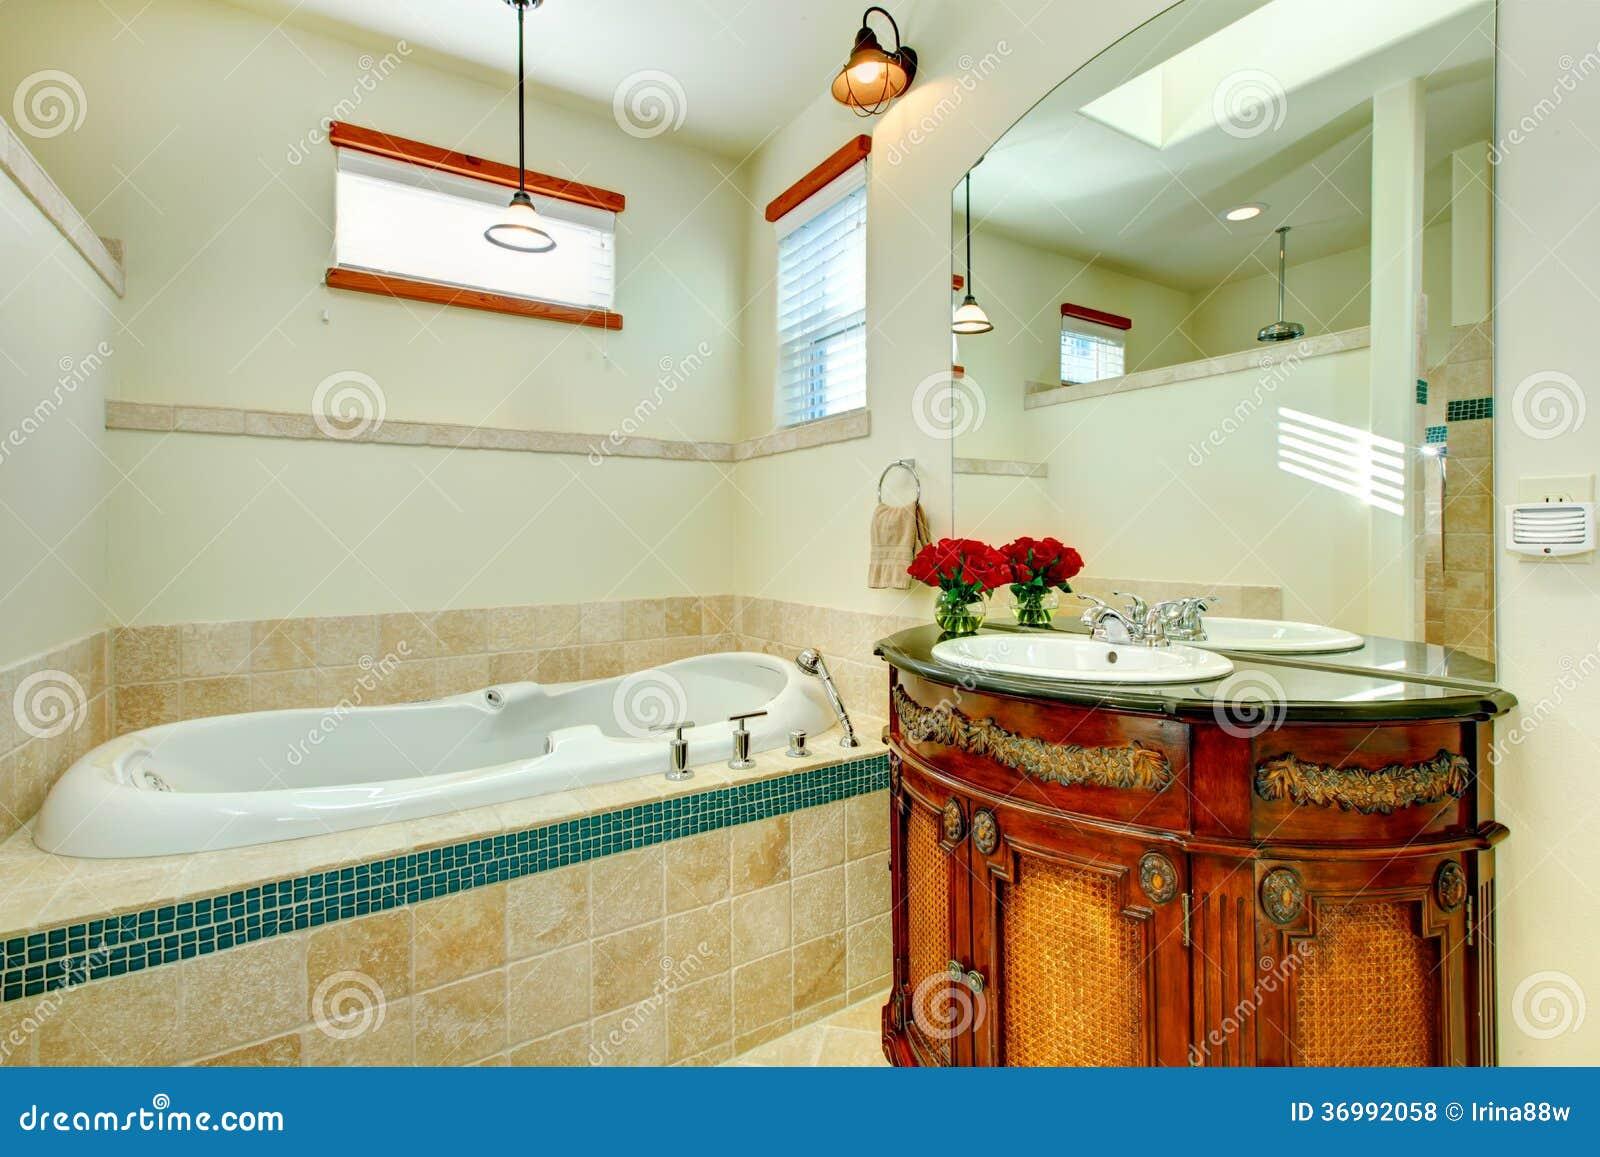 Fotos de Stock Royalty Free: Banheiro moderno elegante com um armário  #802E0C 1300x957 Armario Banheiro Antigo